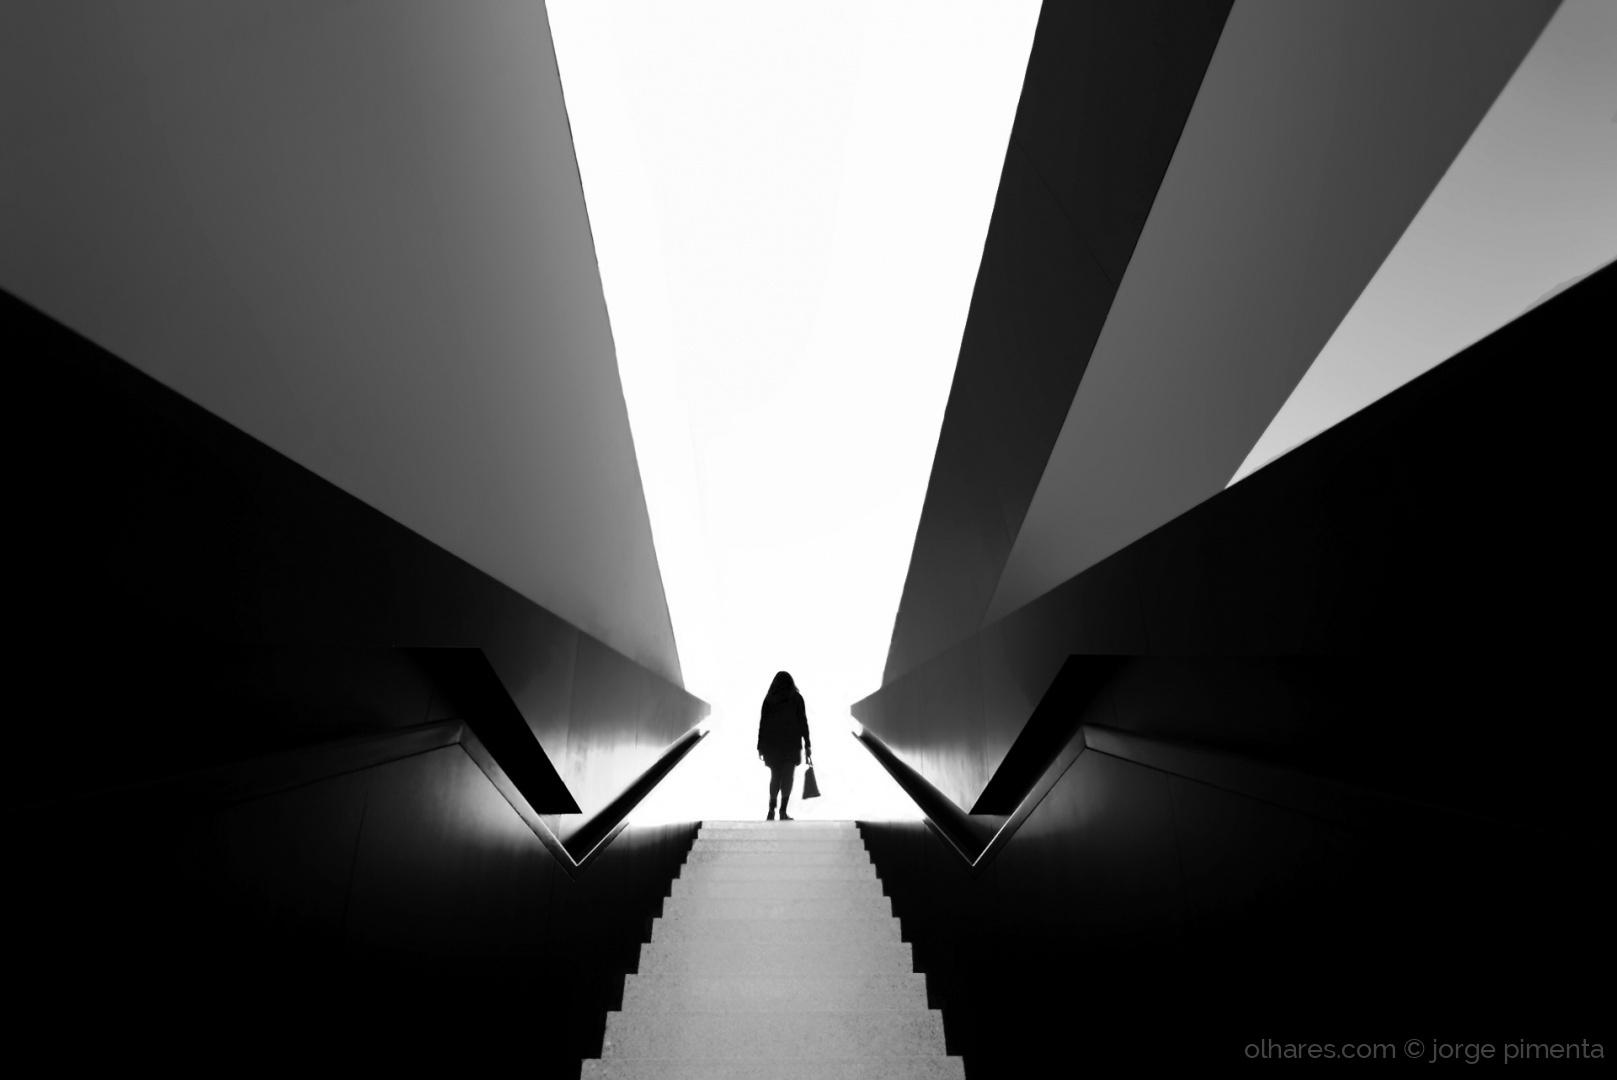 Arquitetura/A soletrar mundos